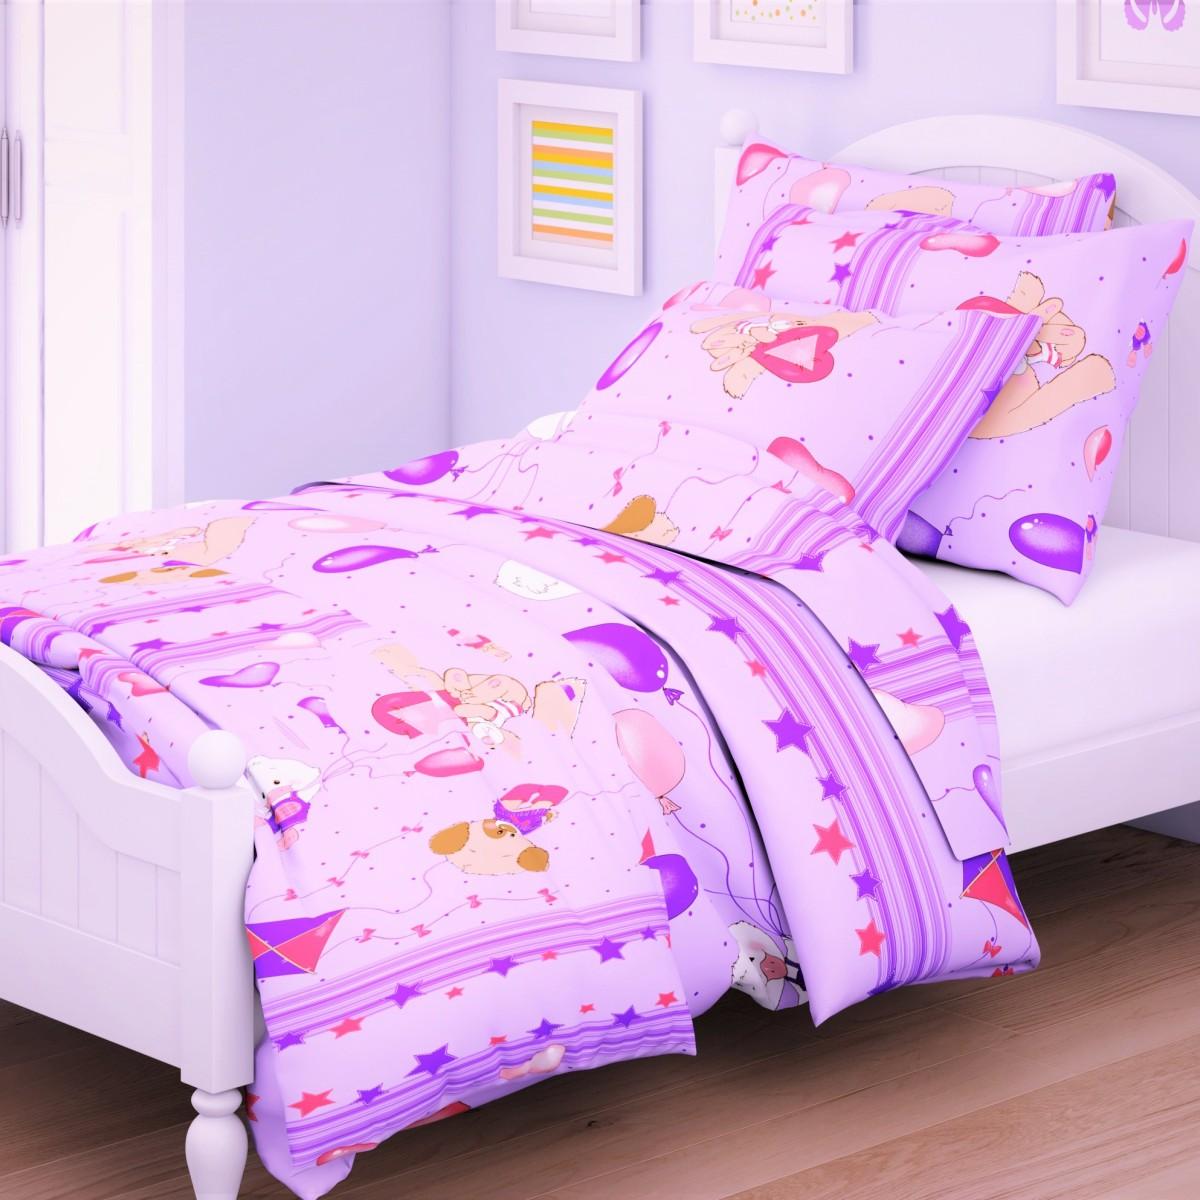 Letto Комплект в кроватку Ясли с простыней на резинке 3 предмета BGR-62